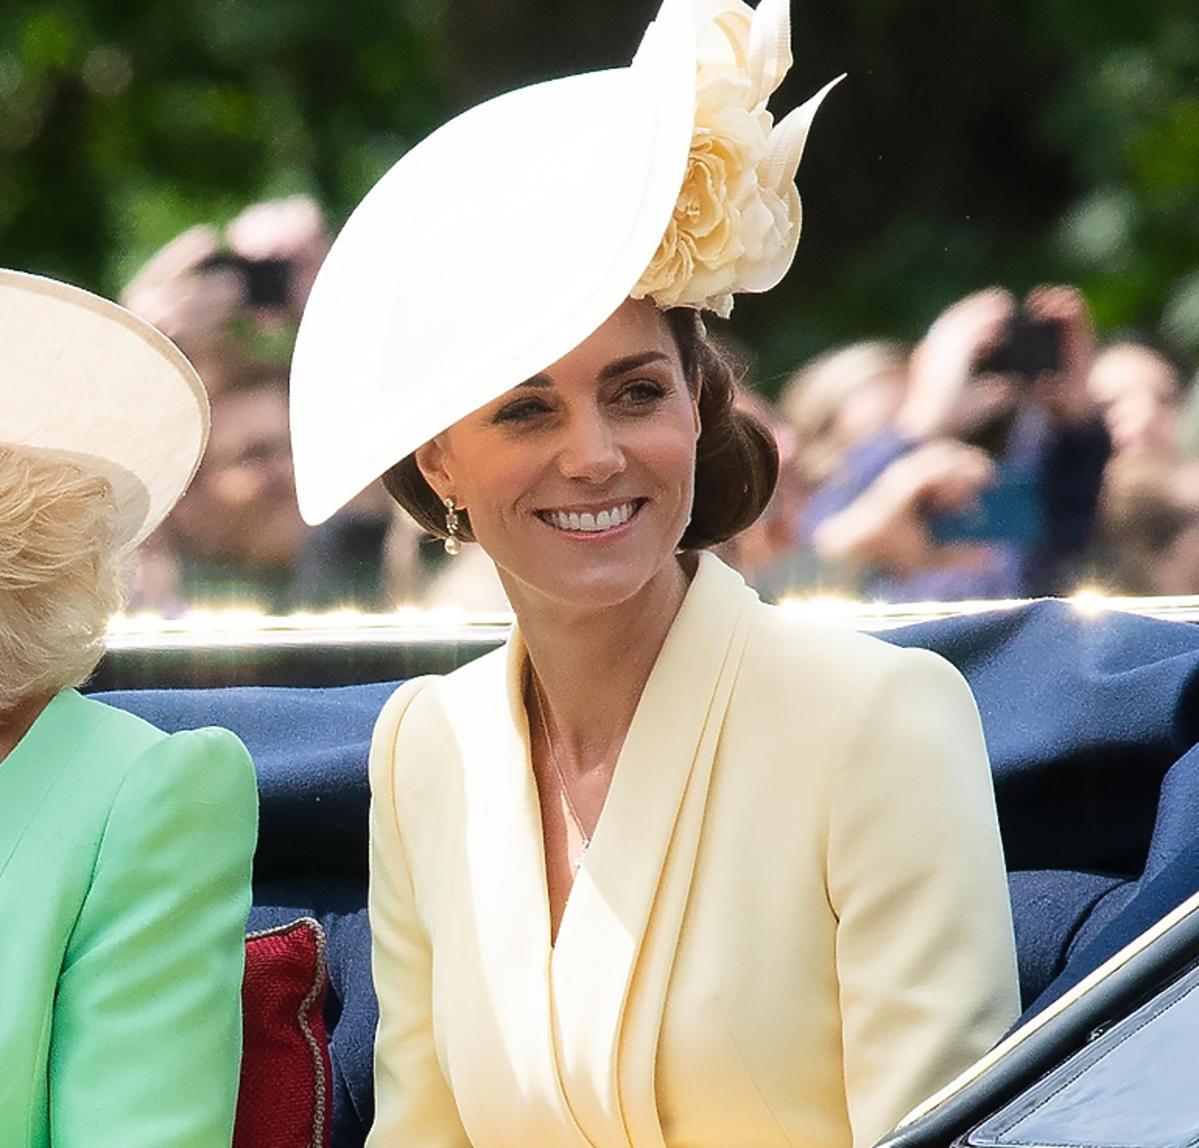 Księżna Kate świętuje urodziny królowej Elżbiety II